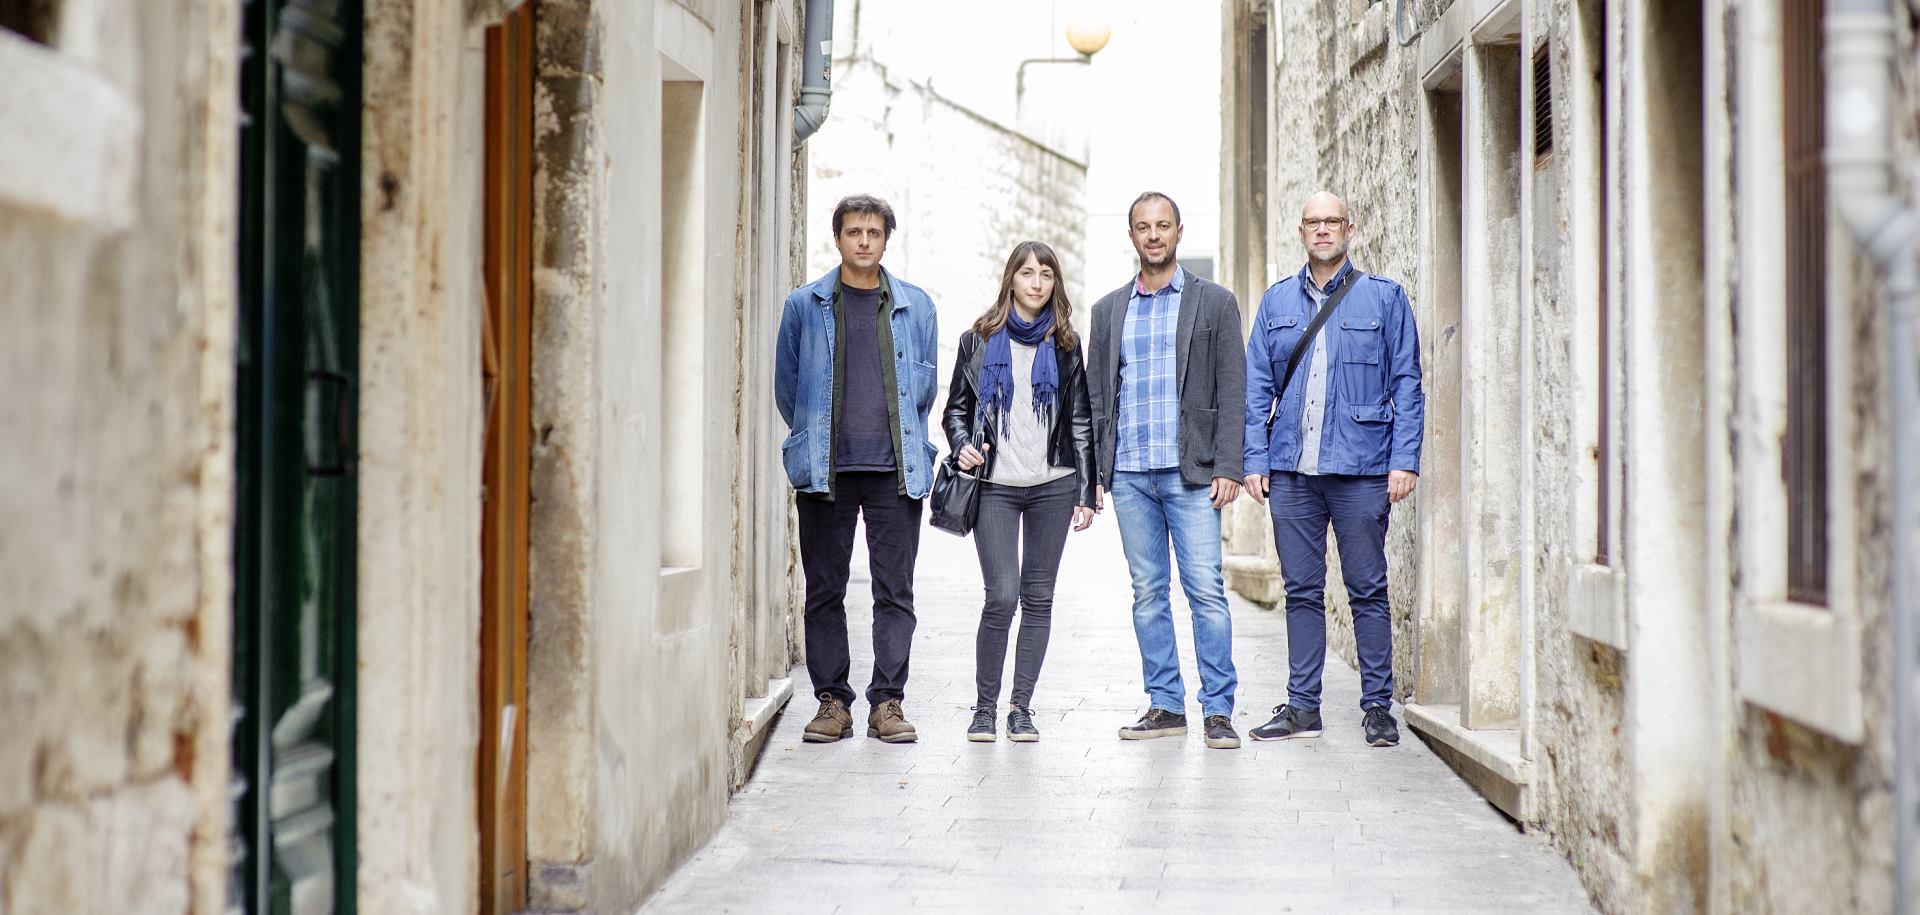 Društvo Juraj Dalmatinac priprema javno dostupnu 'osobnu kartu' zaštićene šibenske gradske jezgre